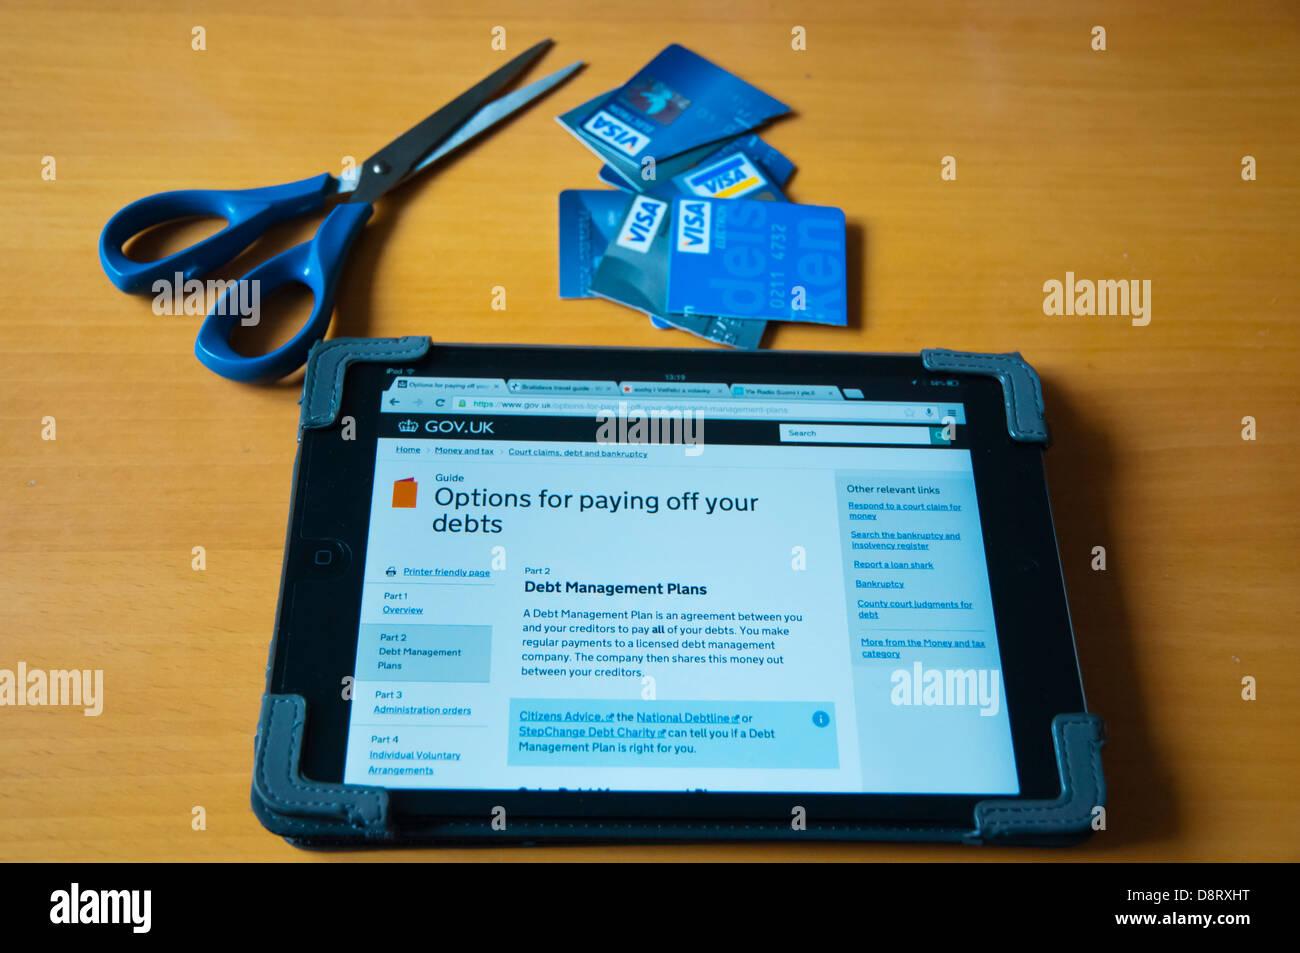 Persona mirando hacia el alivio de la deuda en el Reino Unido información sobre internet en el ipad mini tablet Imagen De Stock